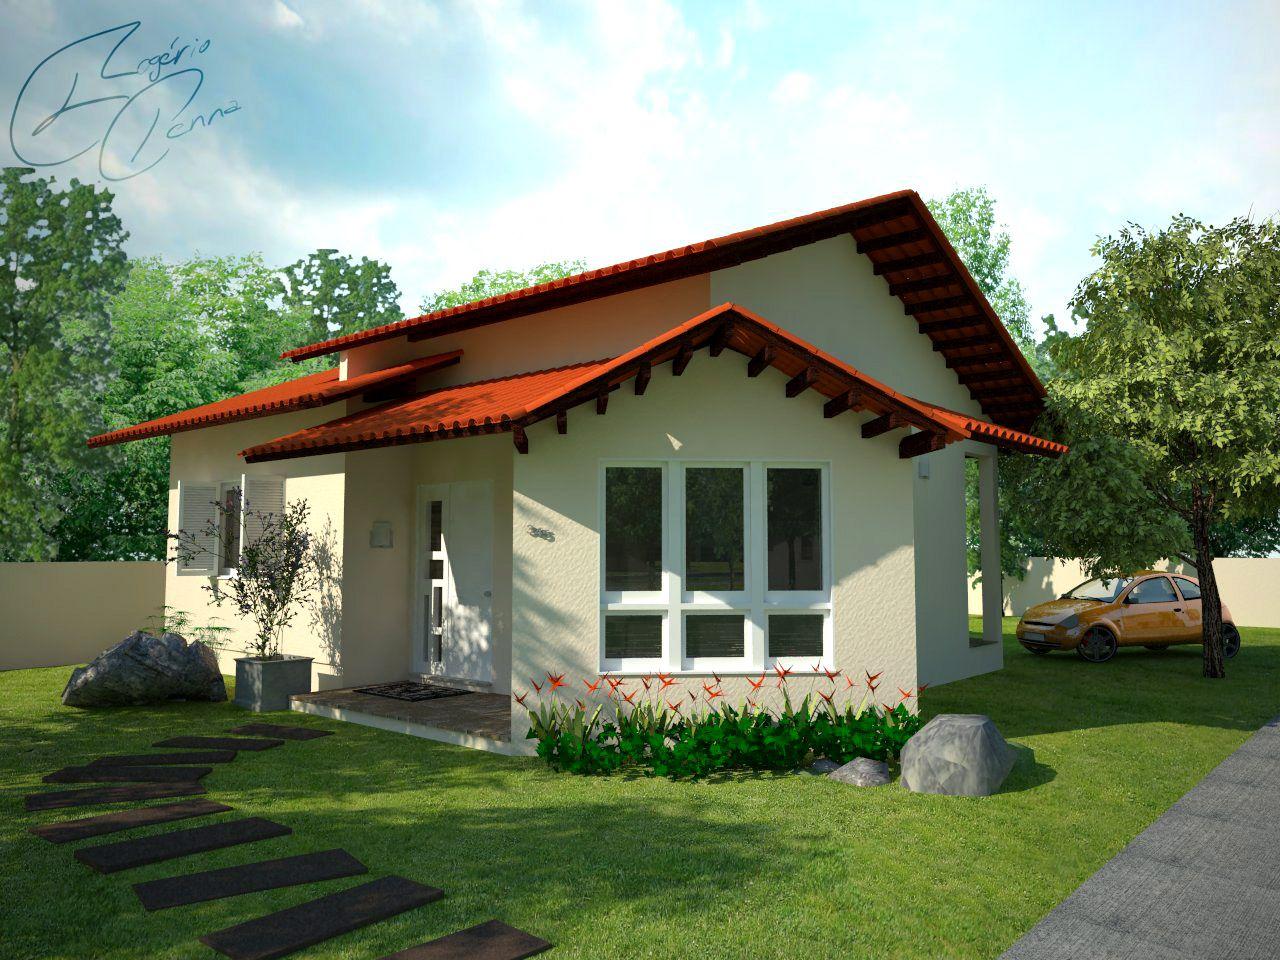 Foto de casa sencilla bonita beige y techo 1280 for Casas sencillas pero bonitas